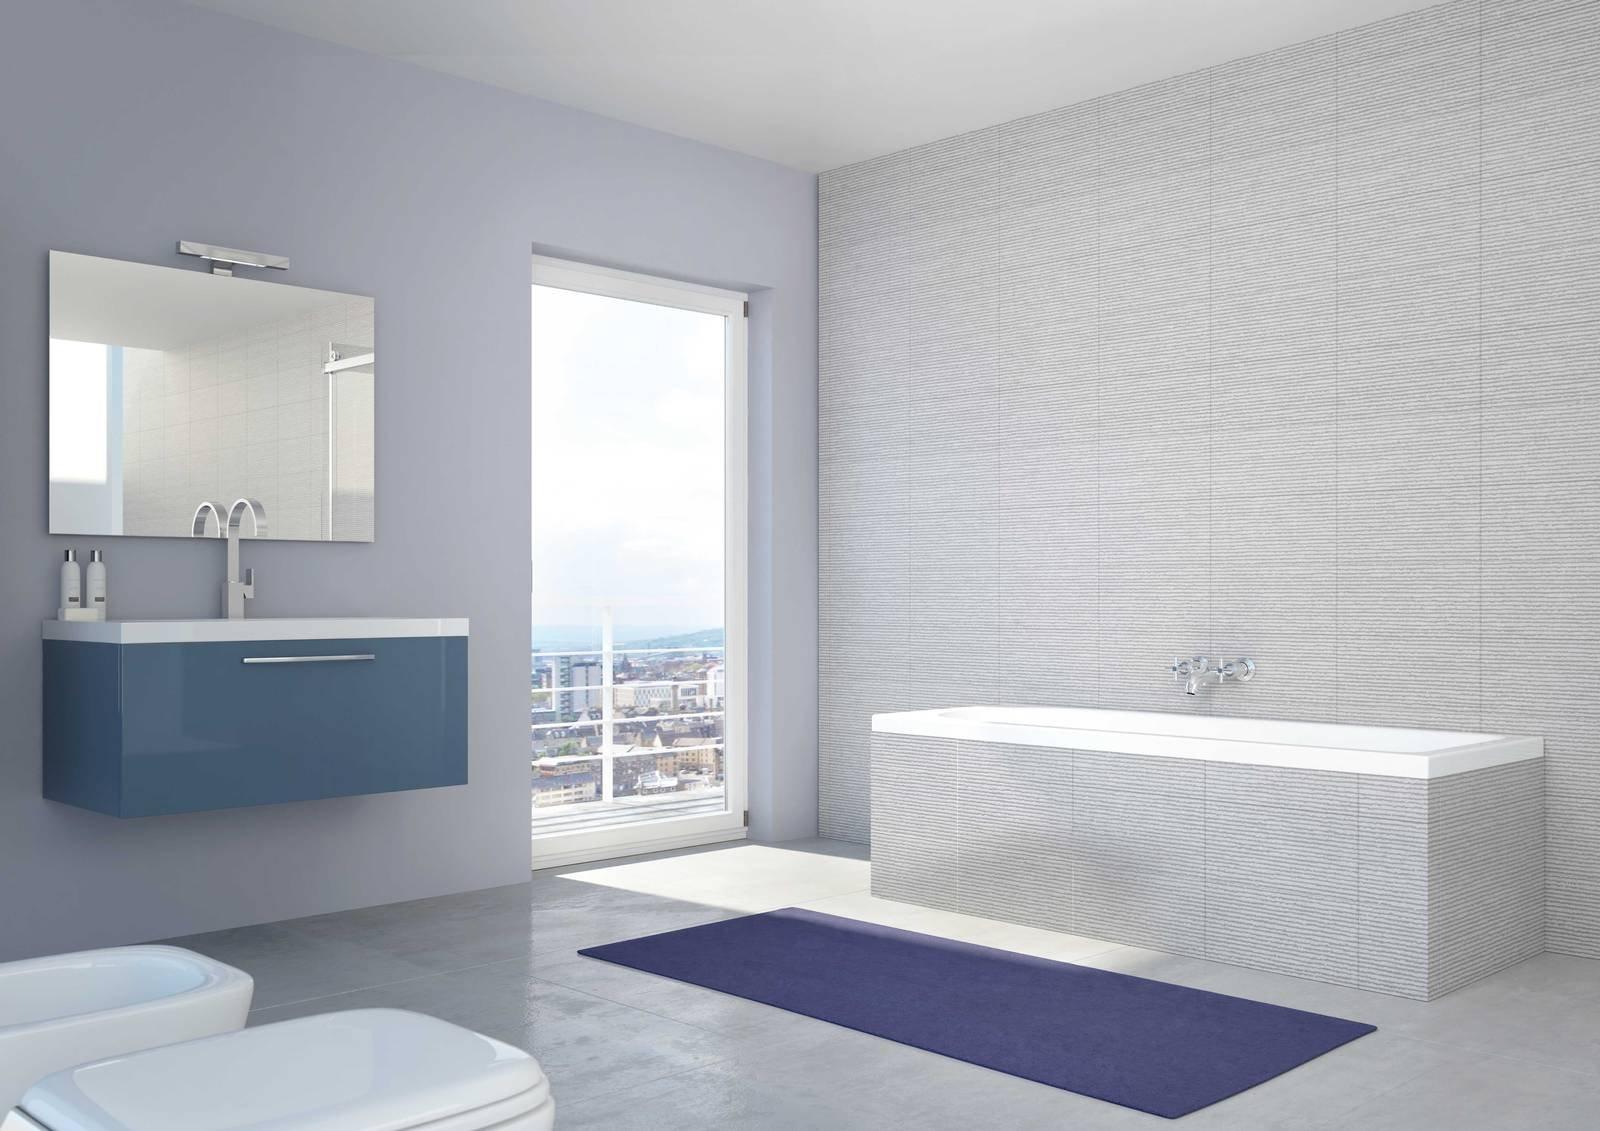 Ristrutturare il bagno in poco tempo cose di casa - Sgabello bagno leroy merlin ...